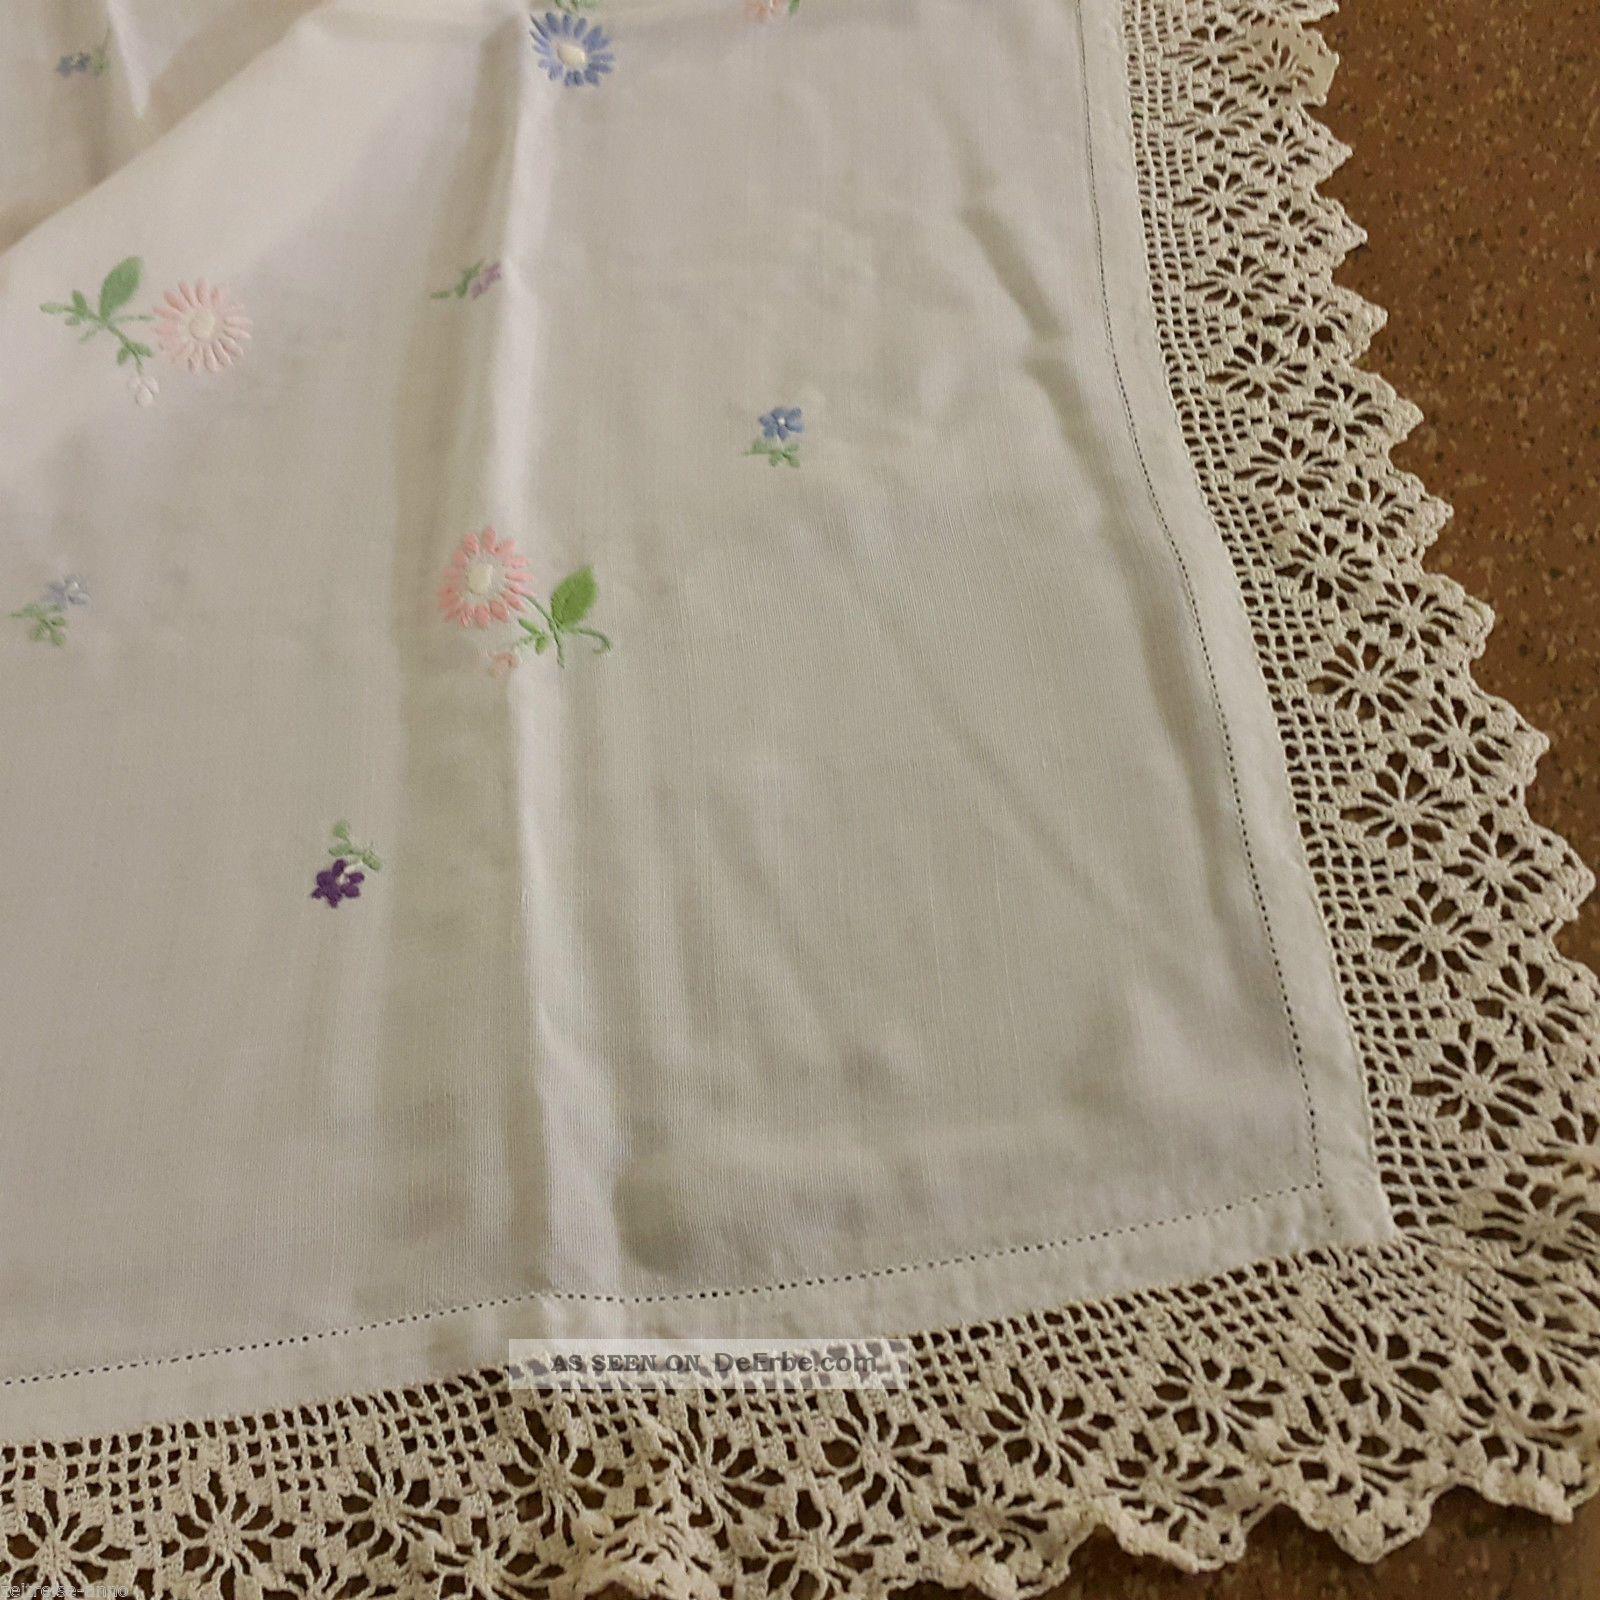 Tischdecke Mitteldecke Weiß Creme Mit Blümchen Stickerei,  Häkelborte Handarbeit Tischdecken Bild